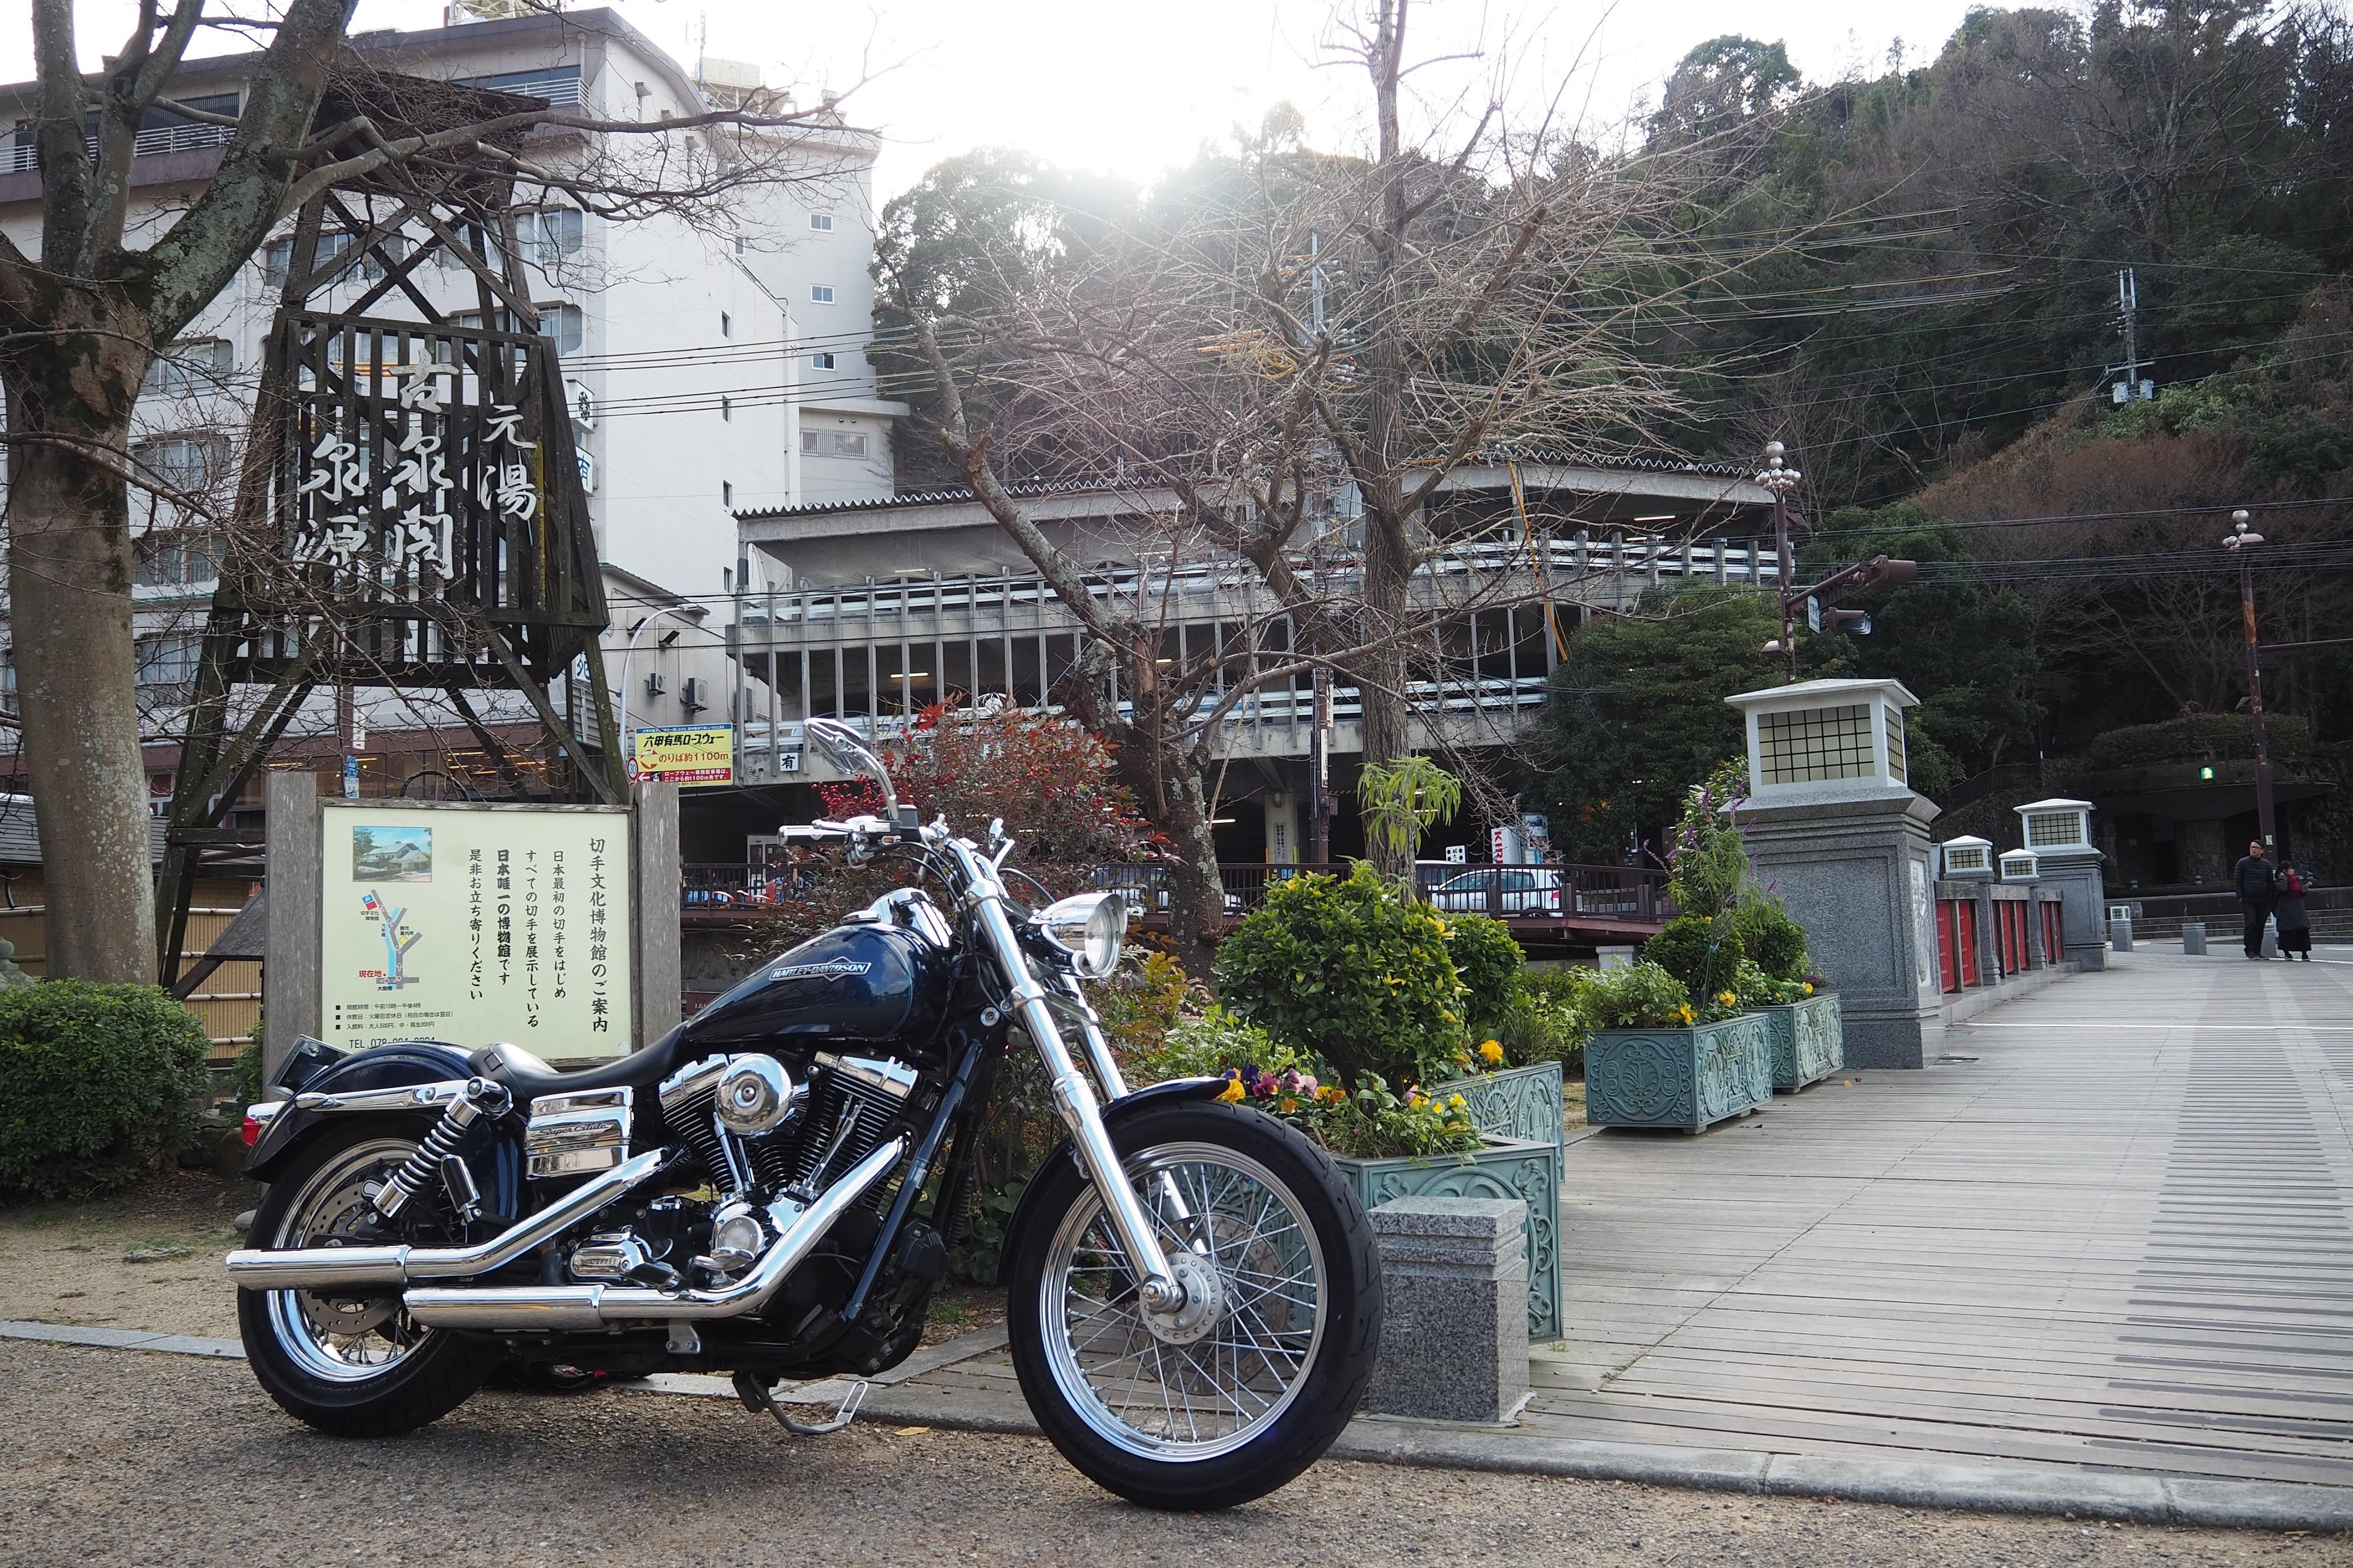 harleydavidson-motorcycle-touring-blog-arima-onsen-hotsprings-taikou-bridge.jpg